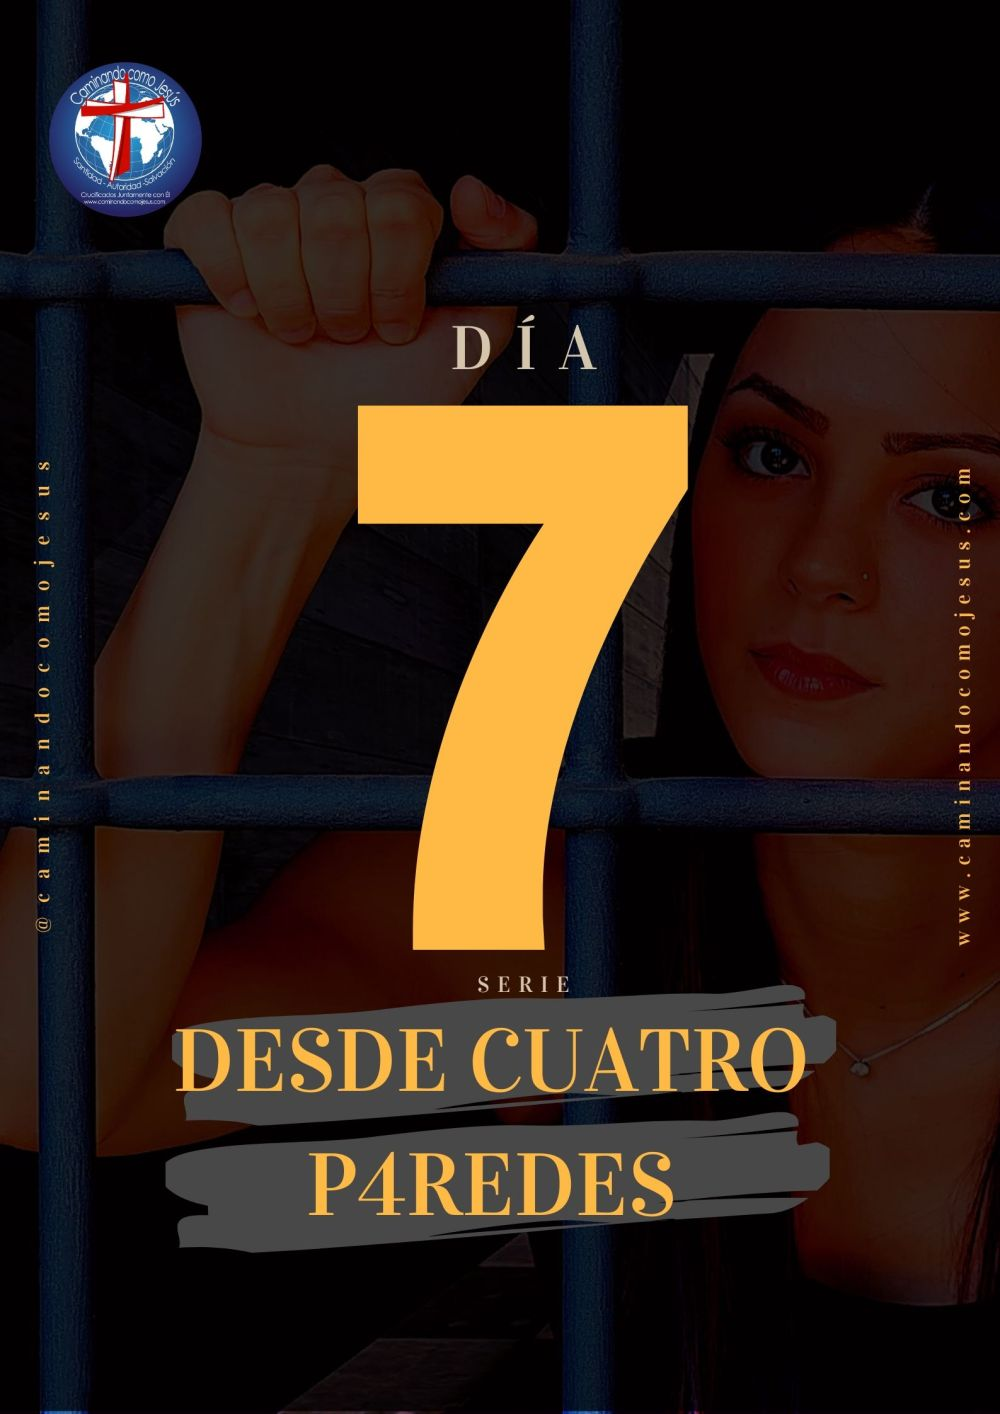 DESDE CUATRO P4REDES